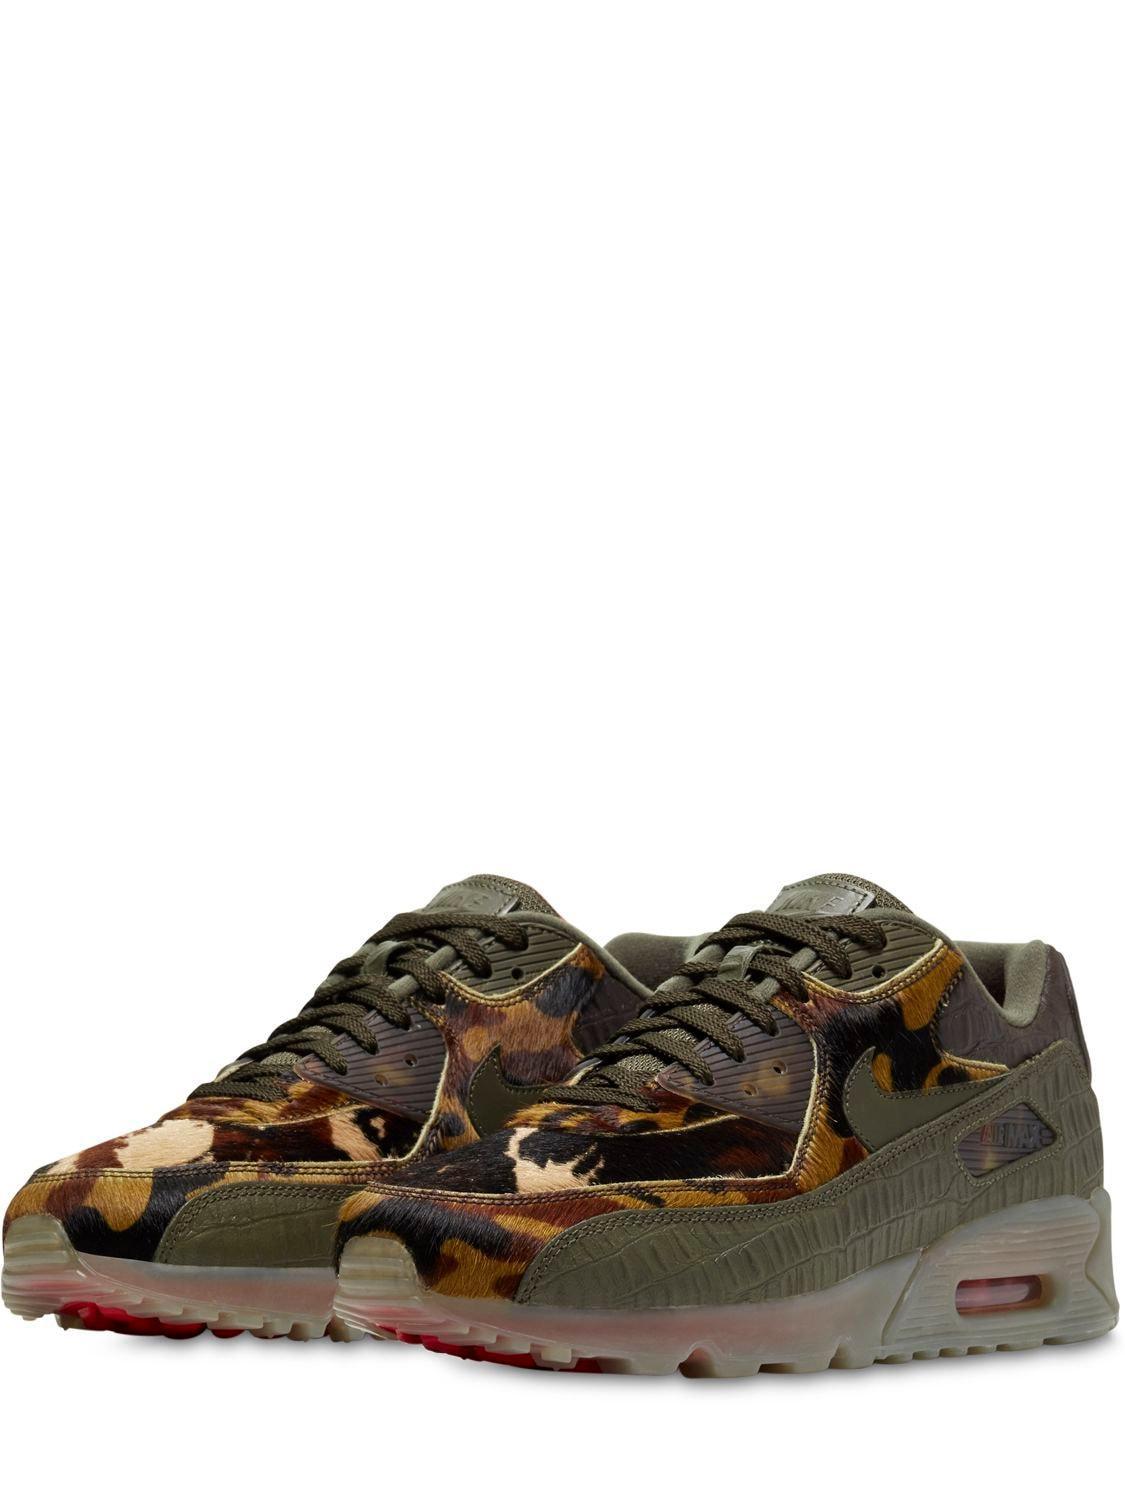 Nike Leather Air Max 90 Safari Sneakers for Men - Lyst